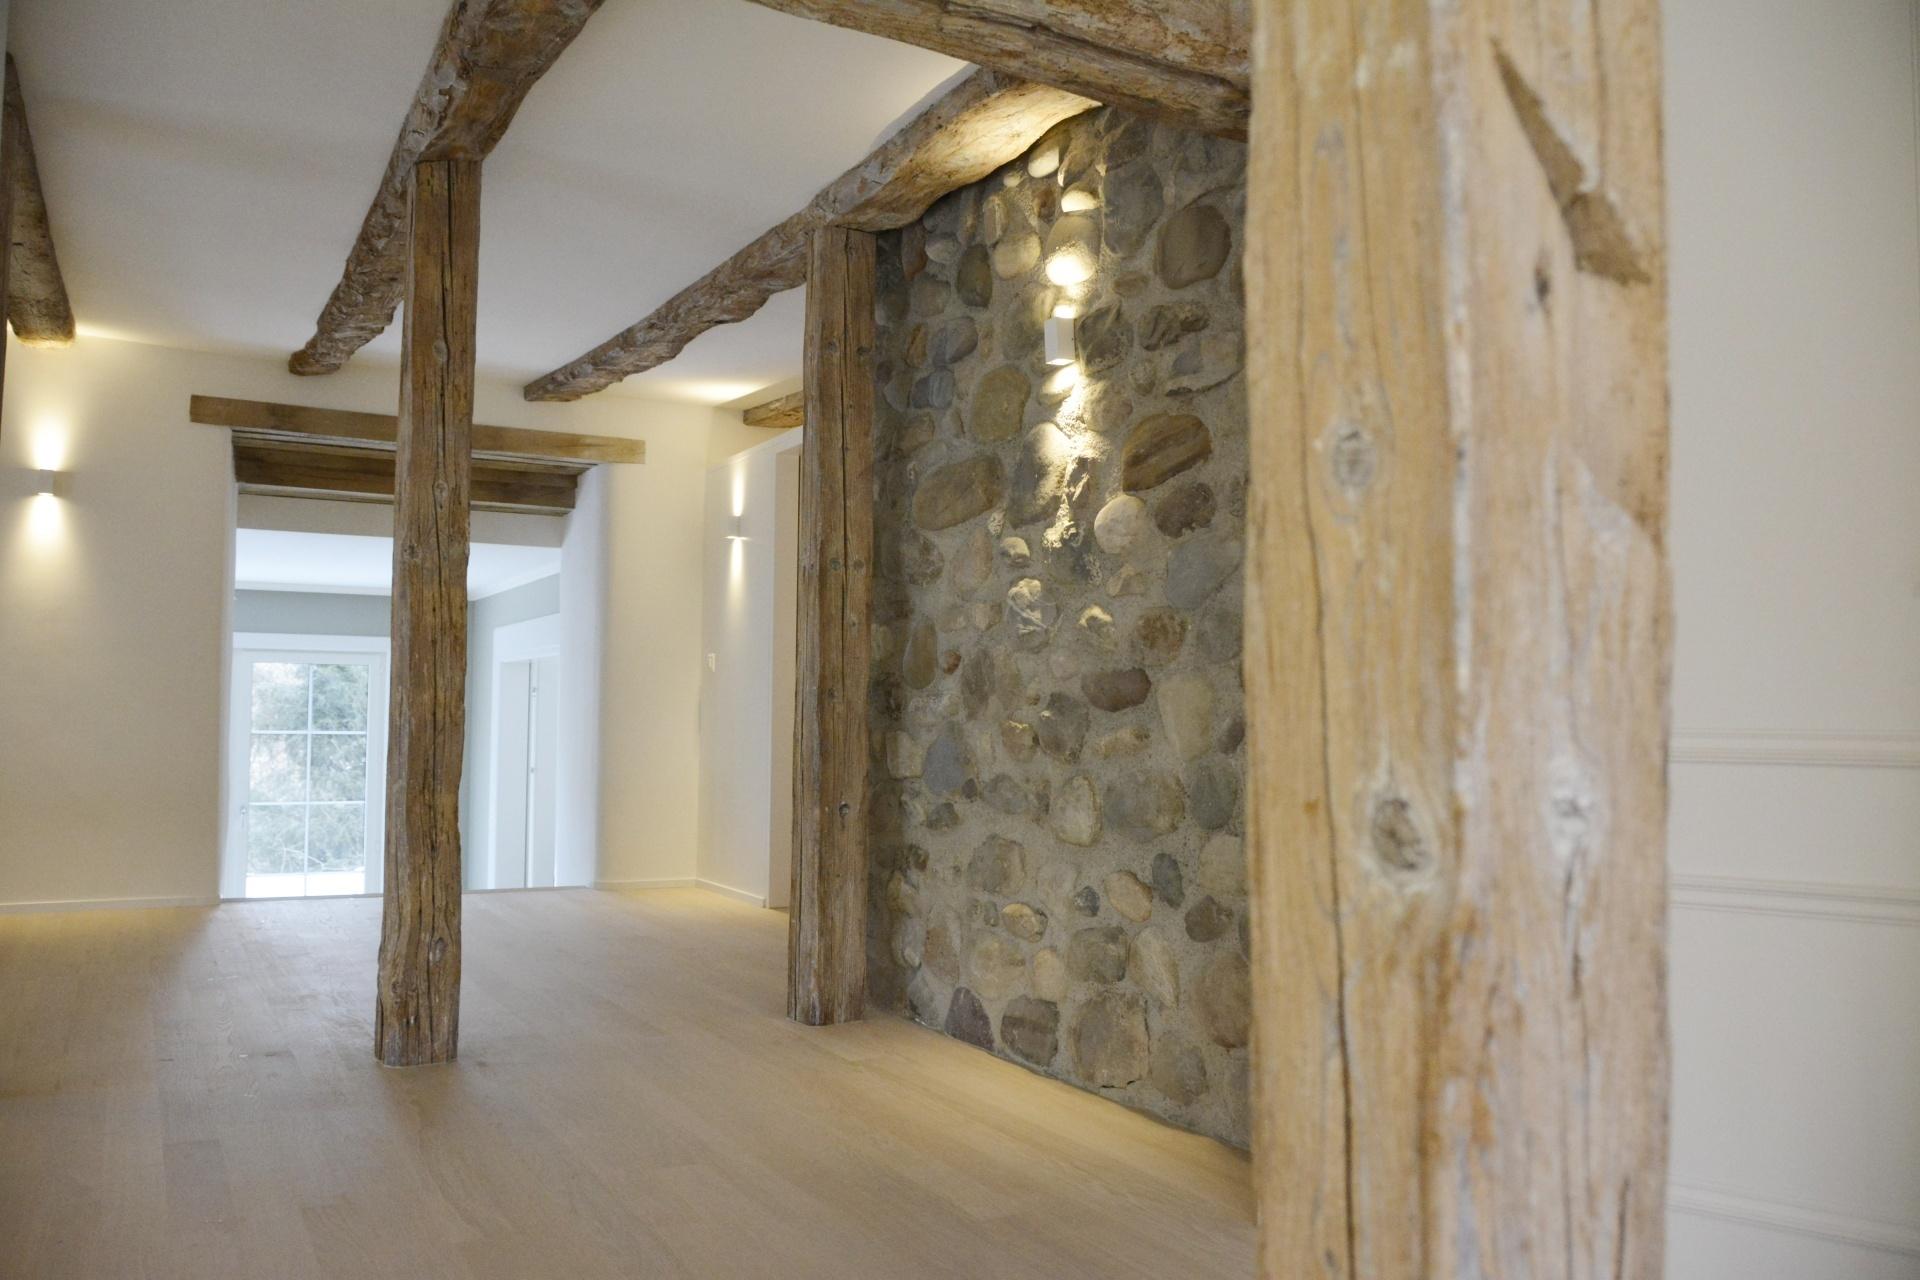 Lasierte Sichtbalken und eine Steinwand, die wie eine Aussenmauer gestaltet ist, verleiht Charakter.